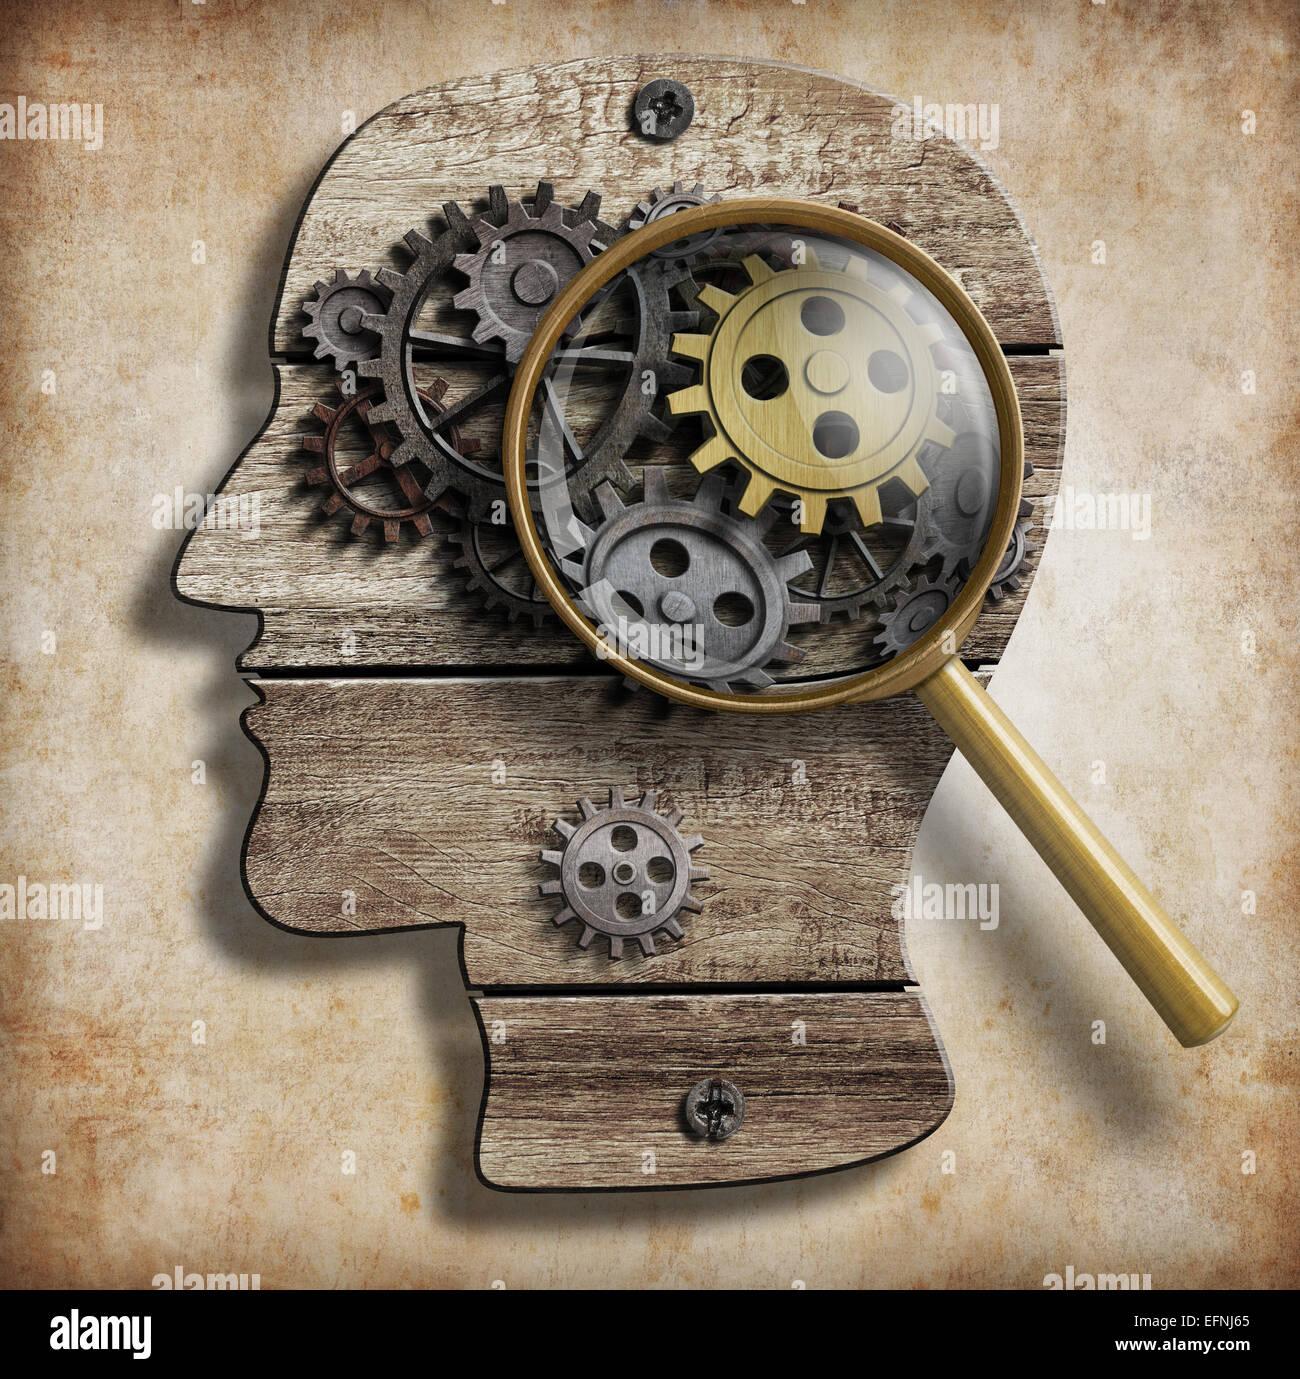 Gehirn-Getriebe und Zahnräder. Psychische Krankheit, Psychologie, Erfindung und Idee Konzept. Stockbild